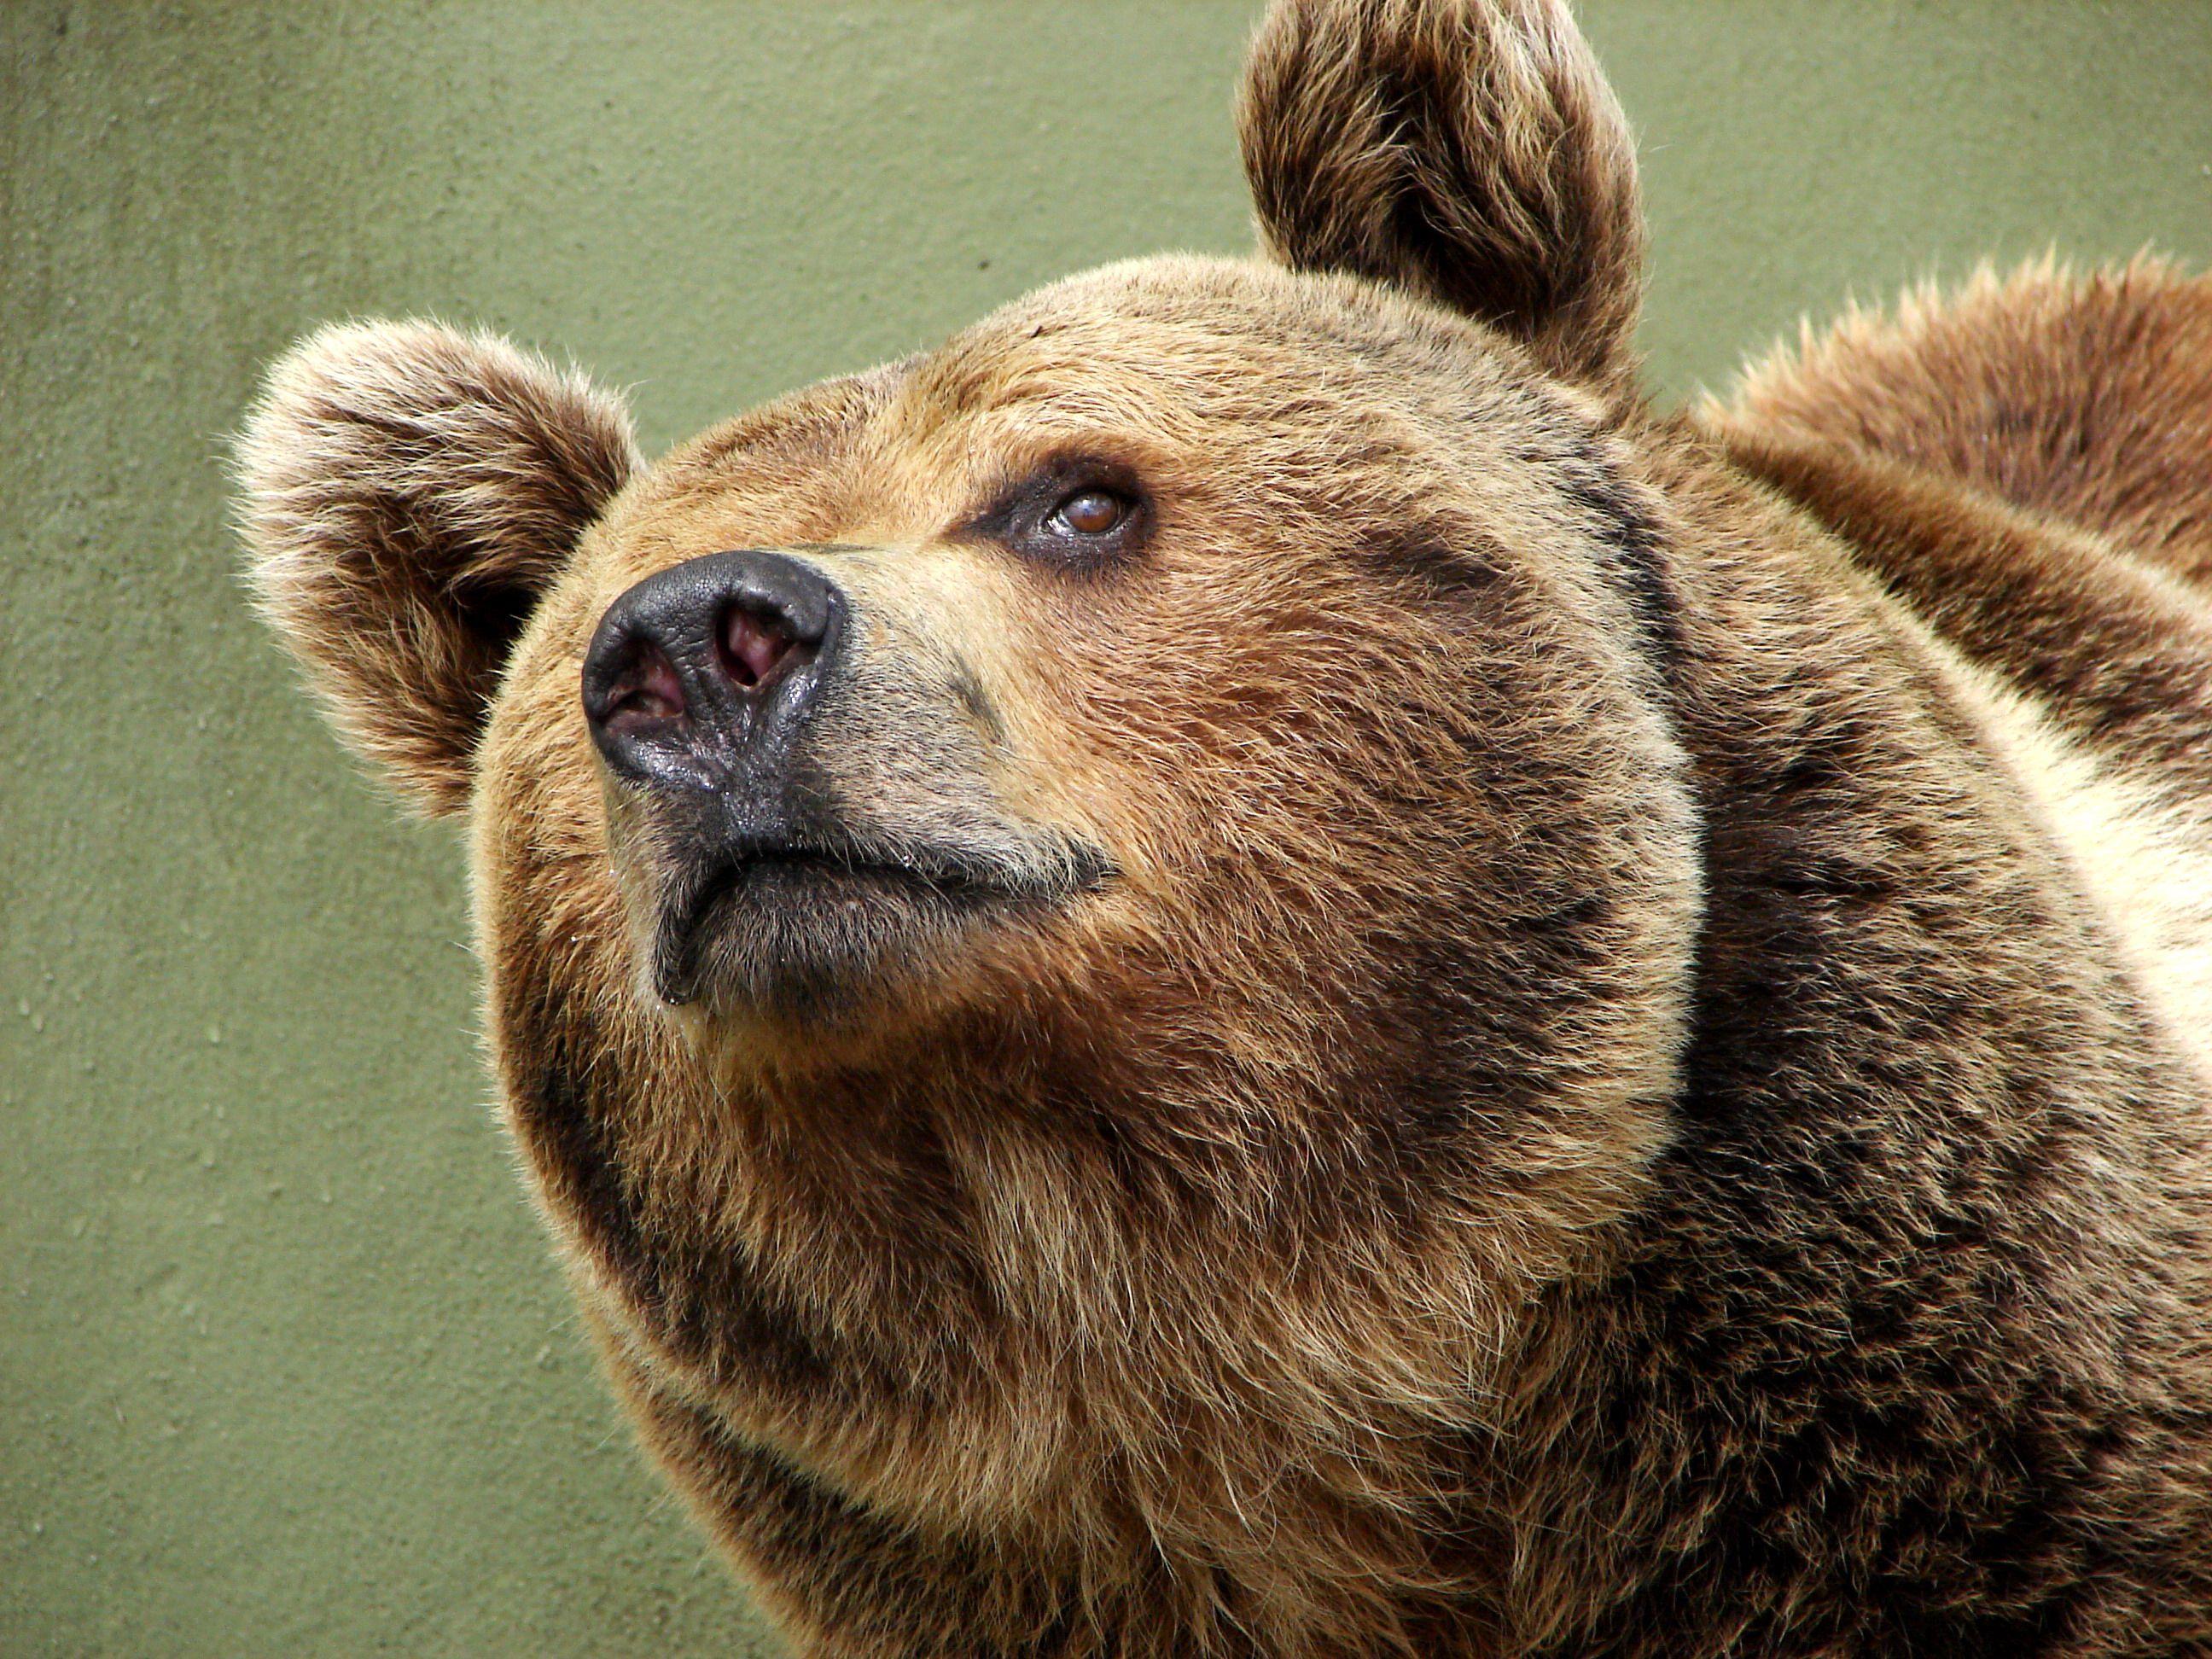 L'Oreal to help with Polar Bears Funny bears, Bear meme